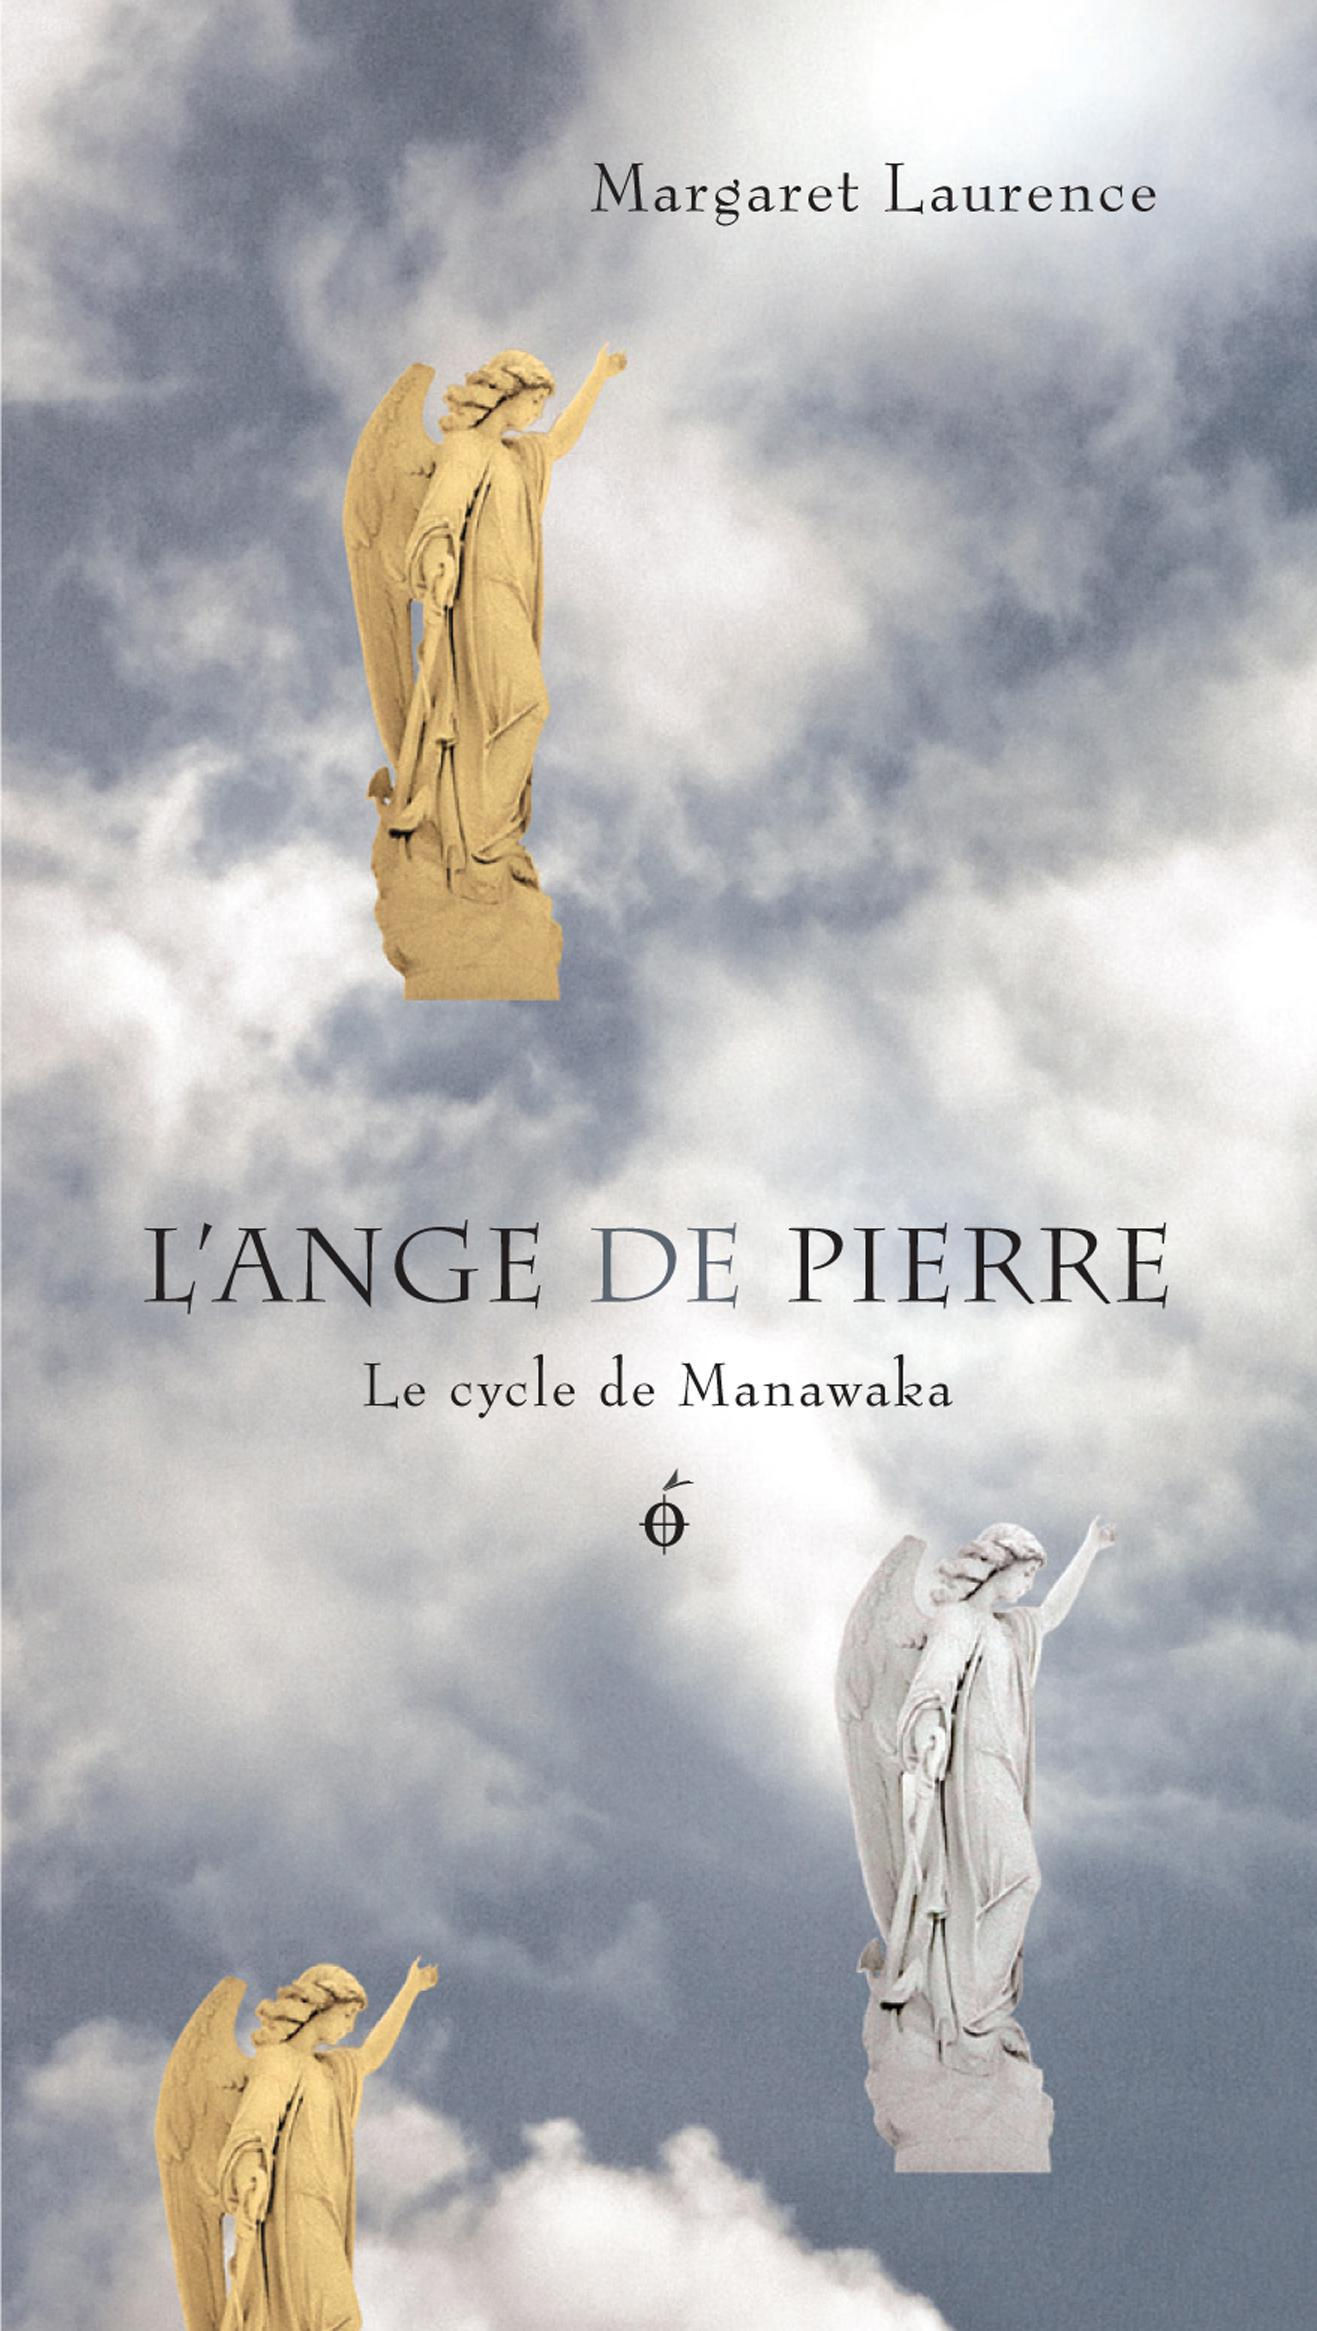 Couverture : Ange de pierre (L') : Le cycle de Manawaka Margaret Laurence